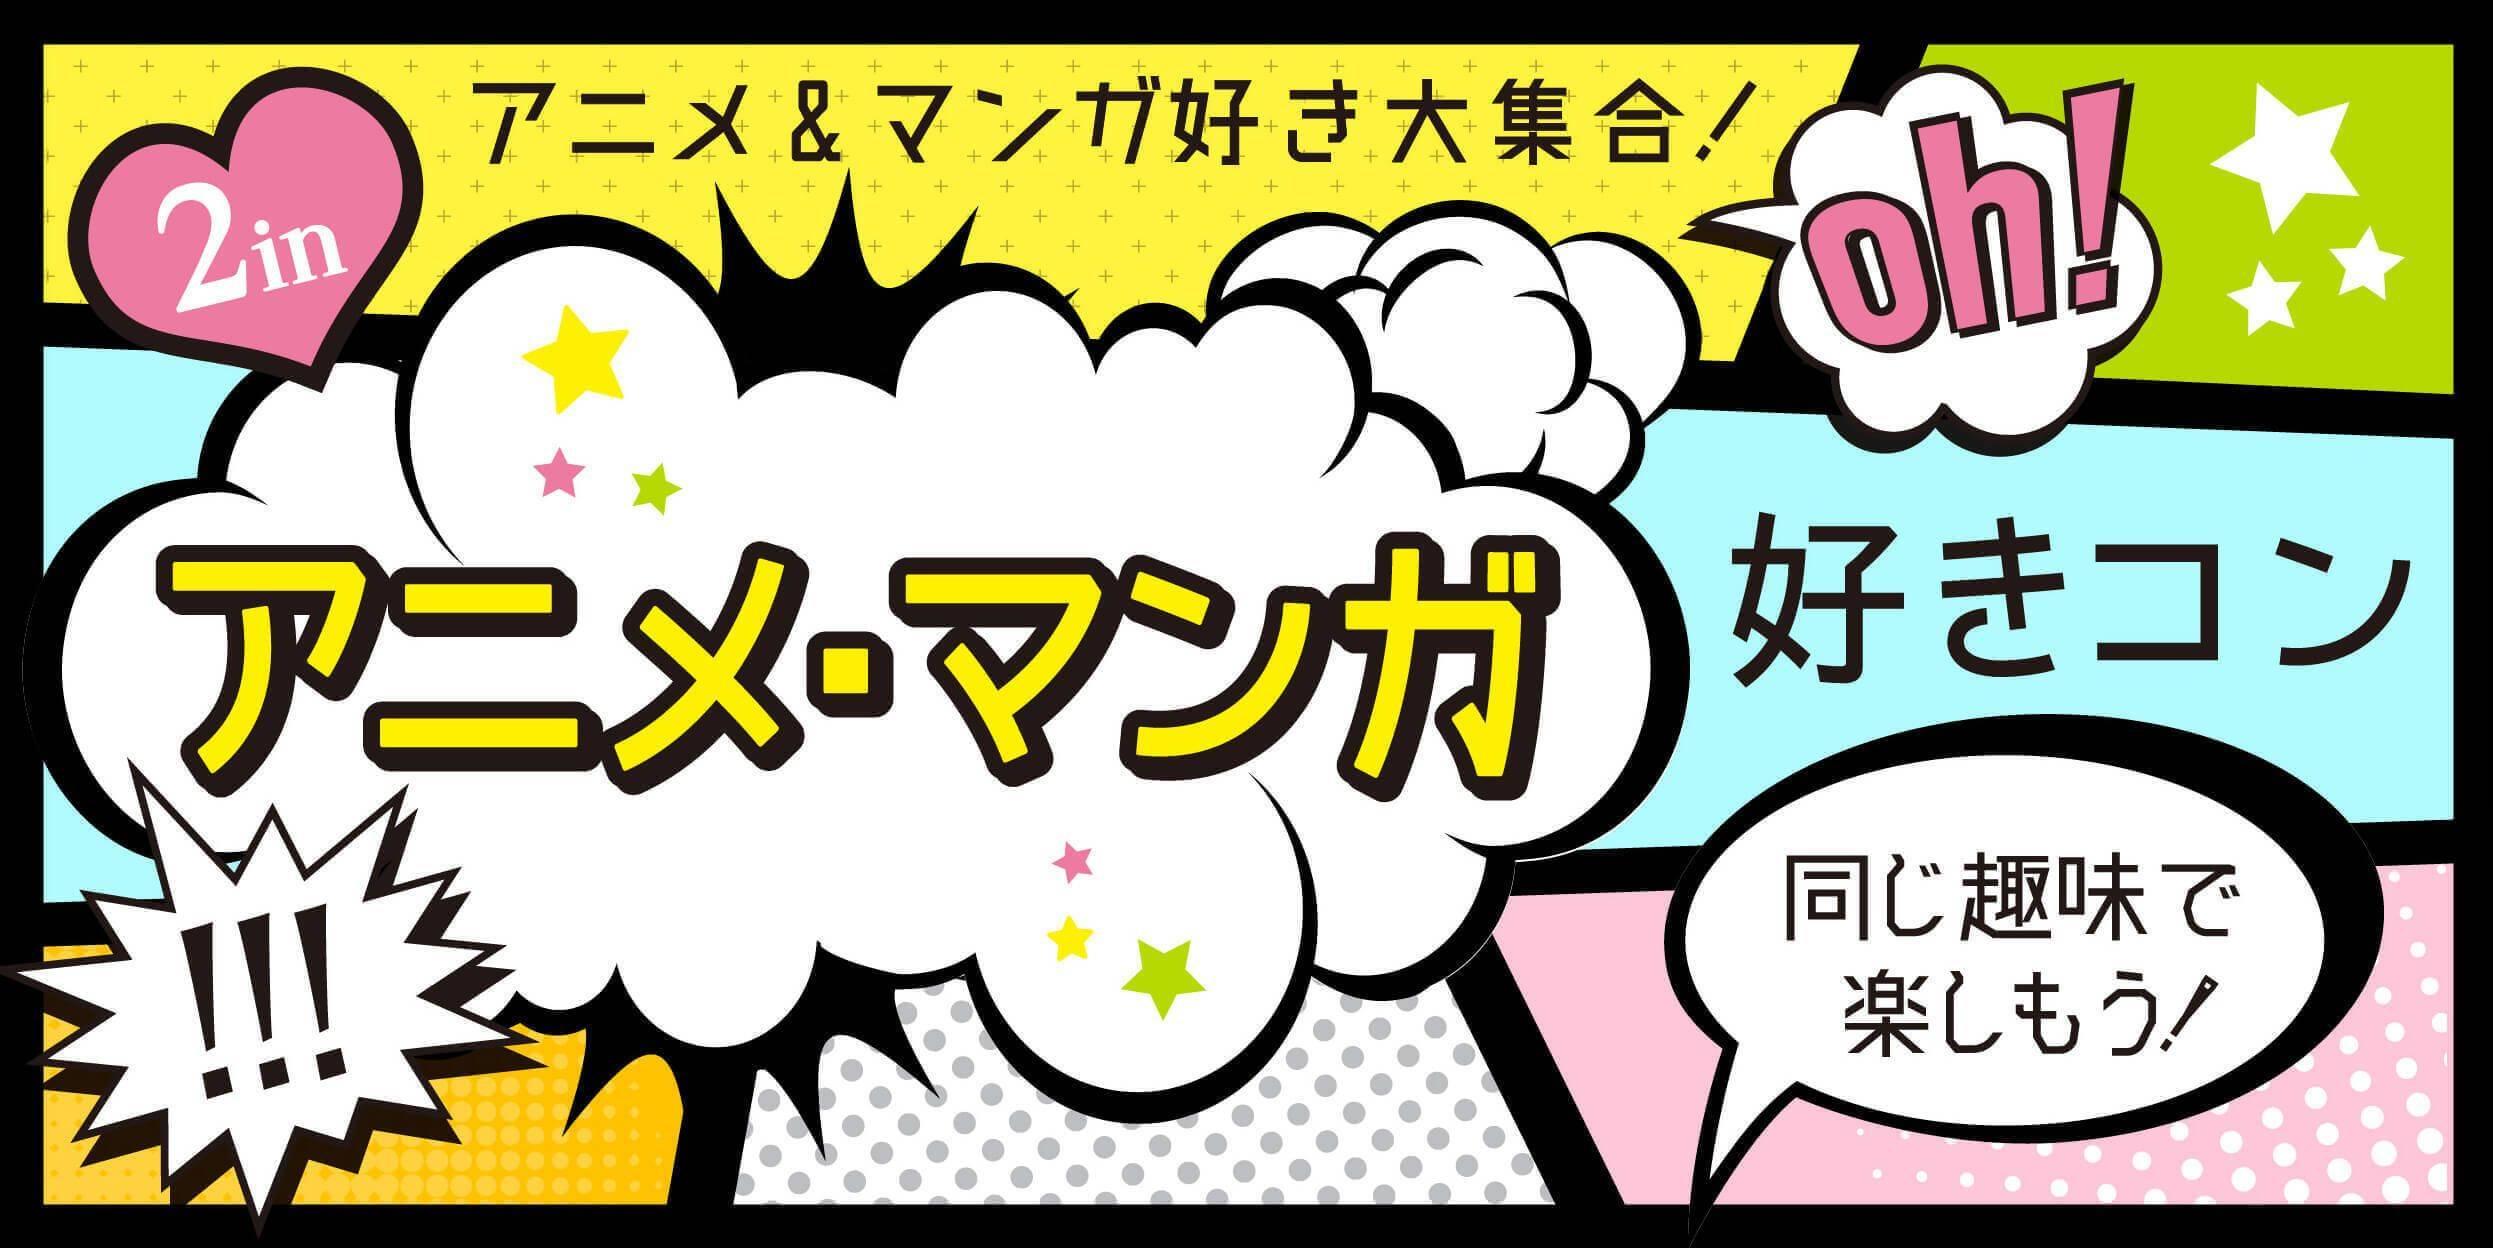 【高松のプチ街コン】合同会社ツイン主催 2017年10月8日